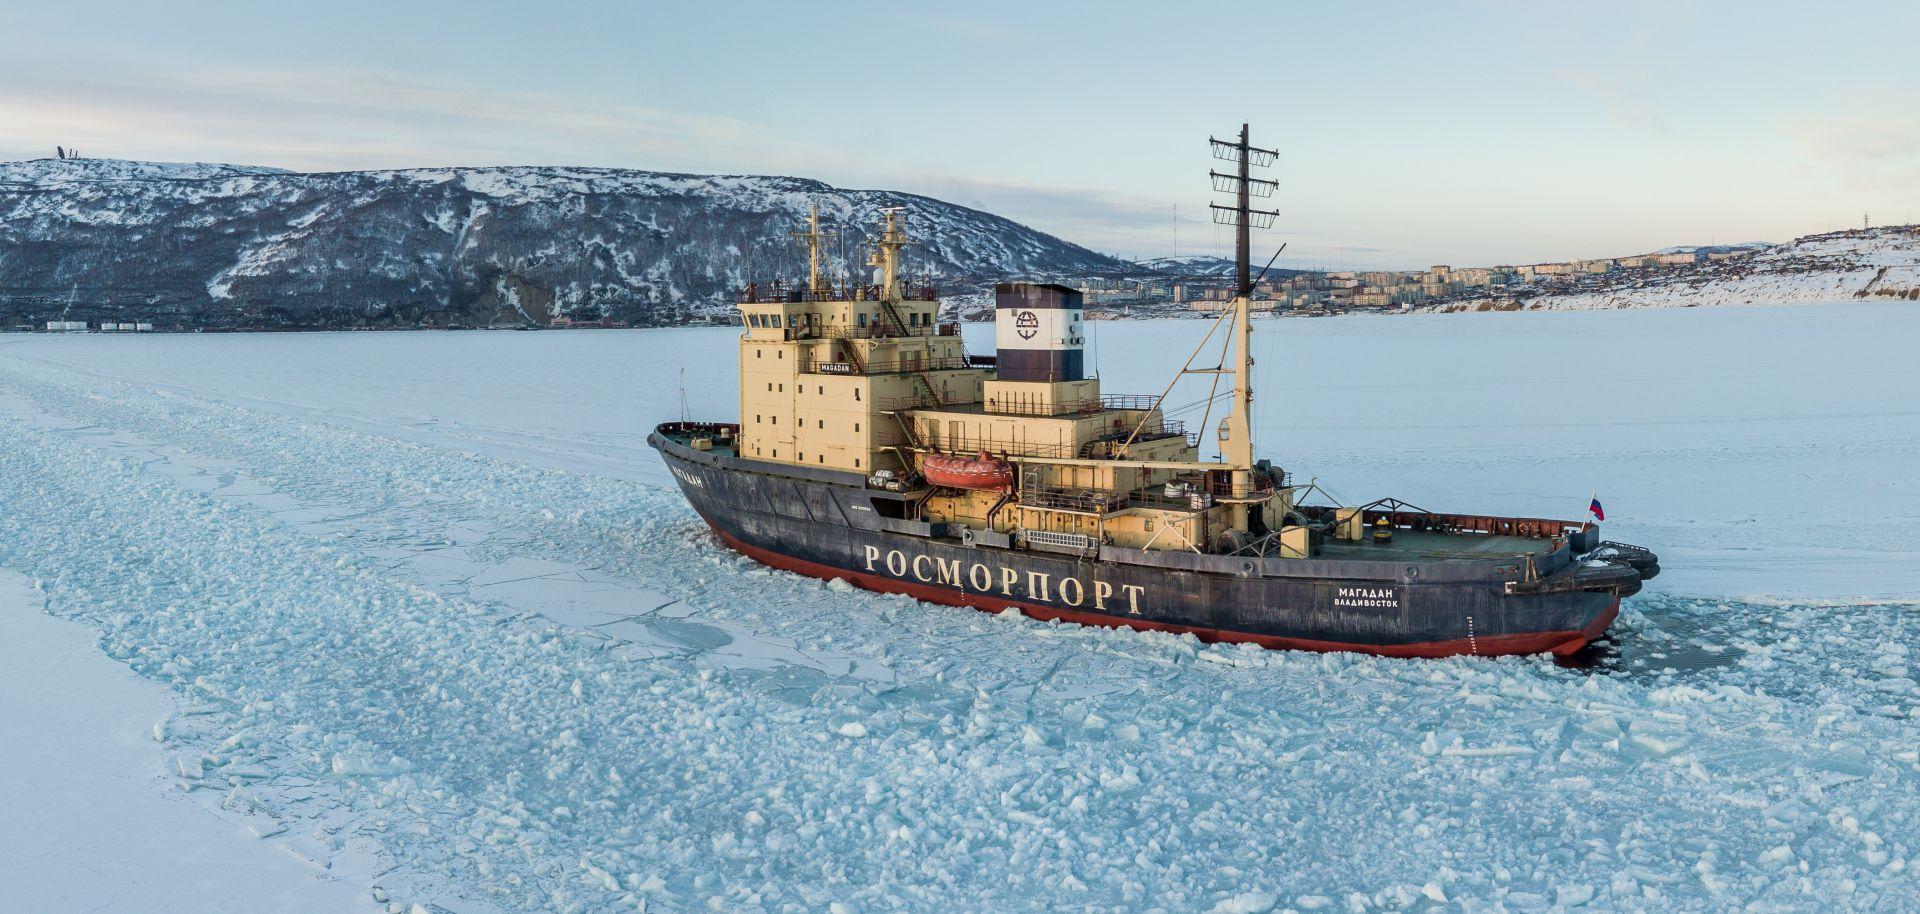 The Magadan icebreaker in the Bay Nagayeva, Sea of Okhotsk, in March 2019.